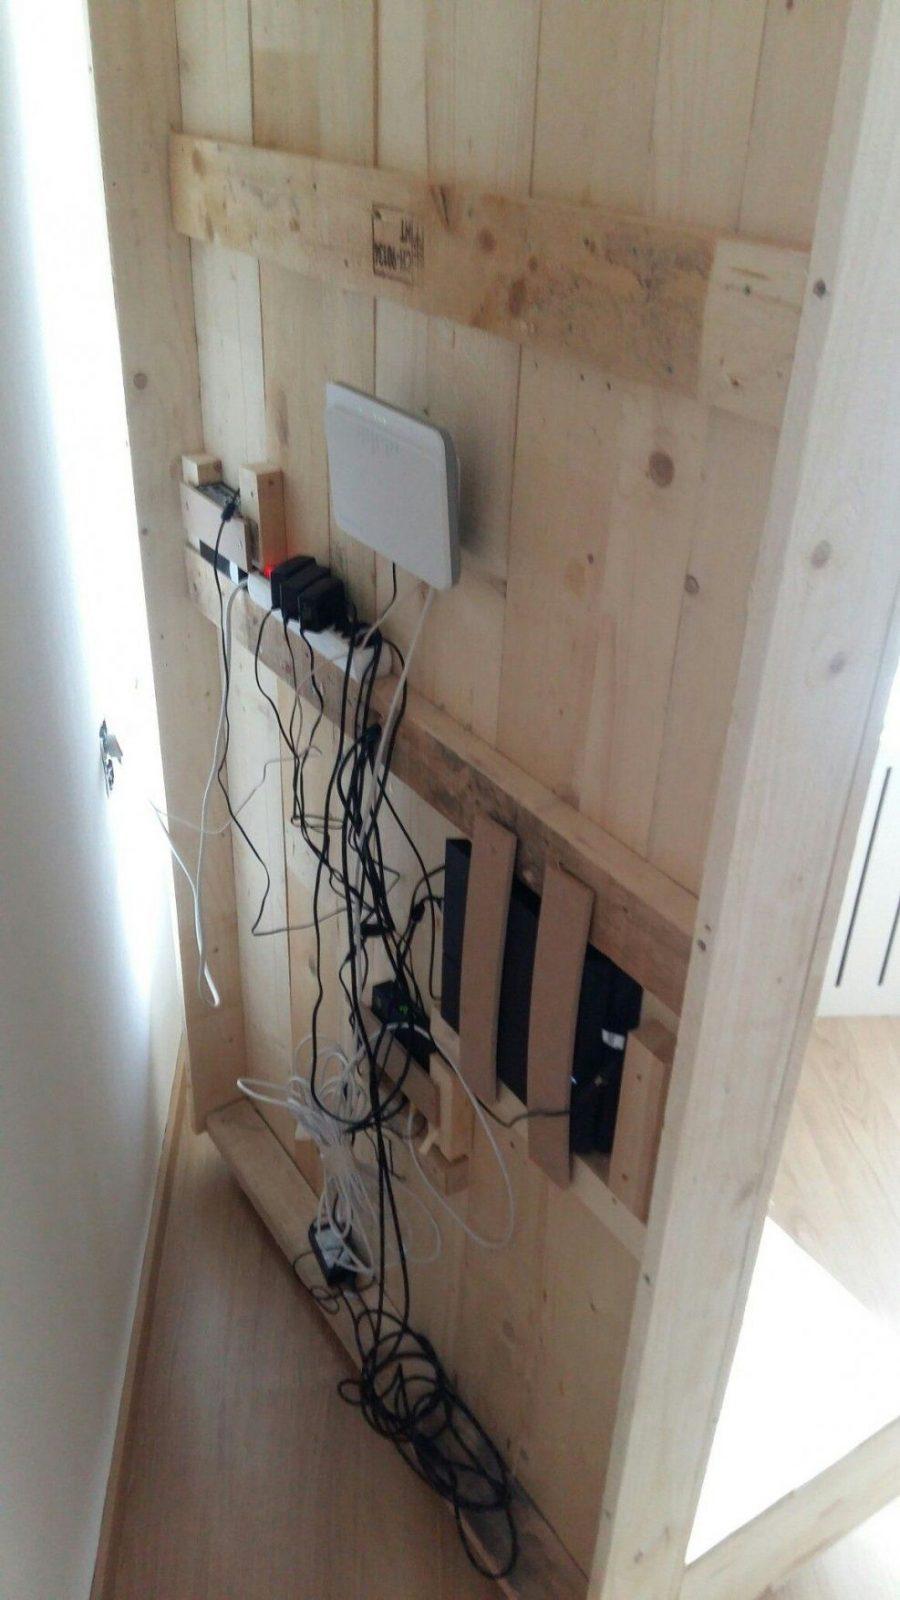 Tvrückwand Selbst Bauen Alle Kabel Verschwinden Hinter Der von Fernseher Wandmontage Kabel Verstecken Photo